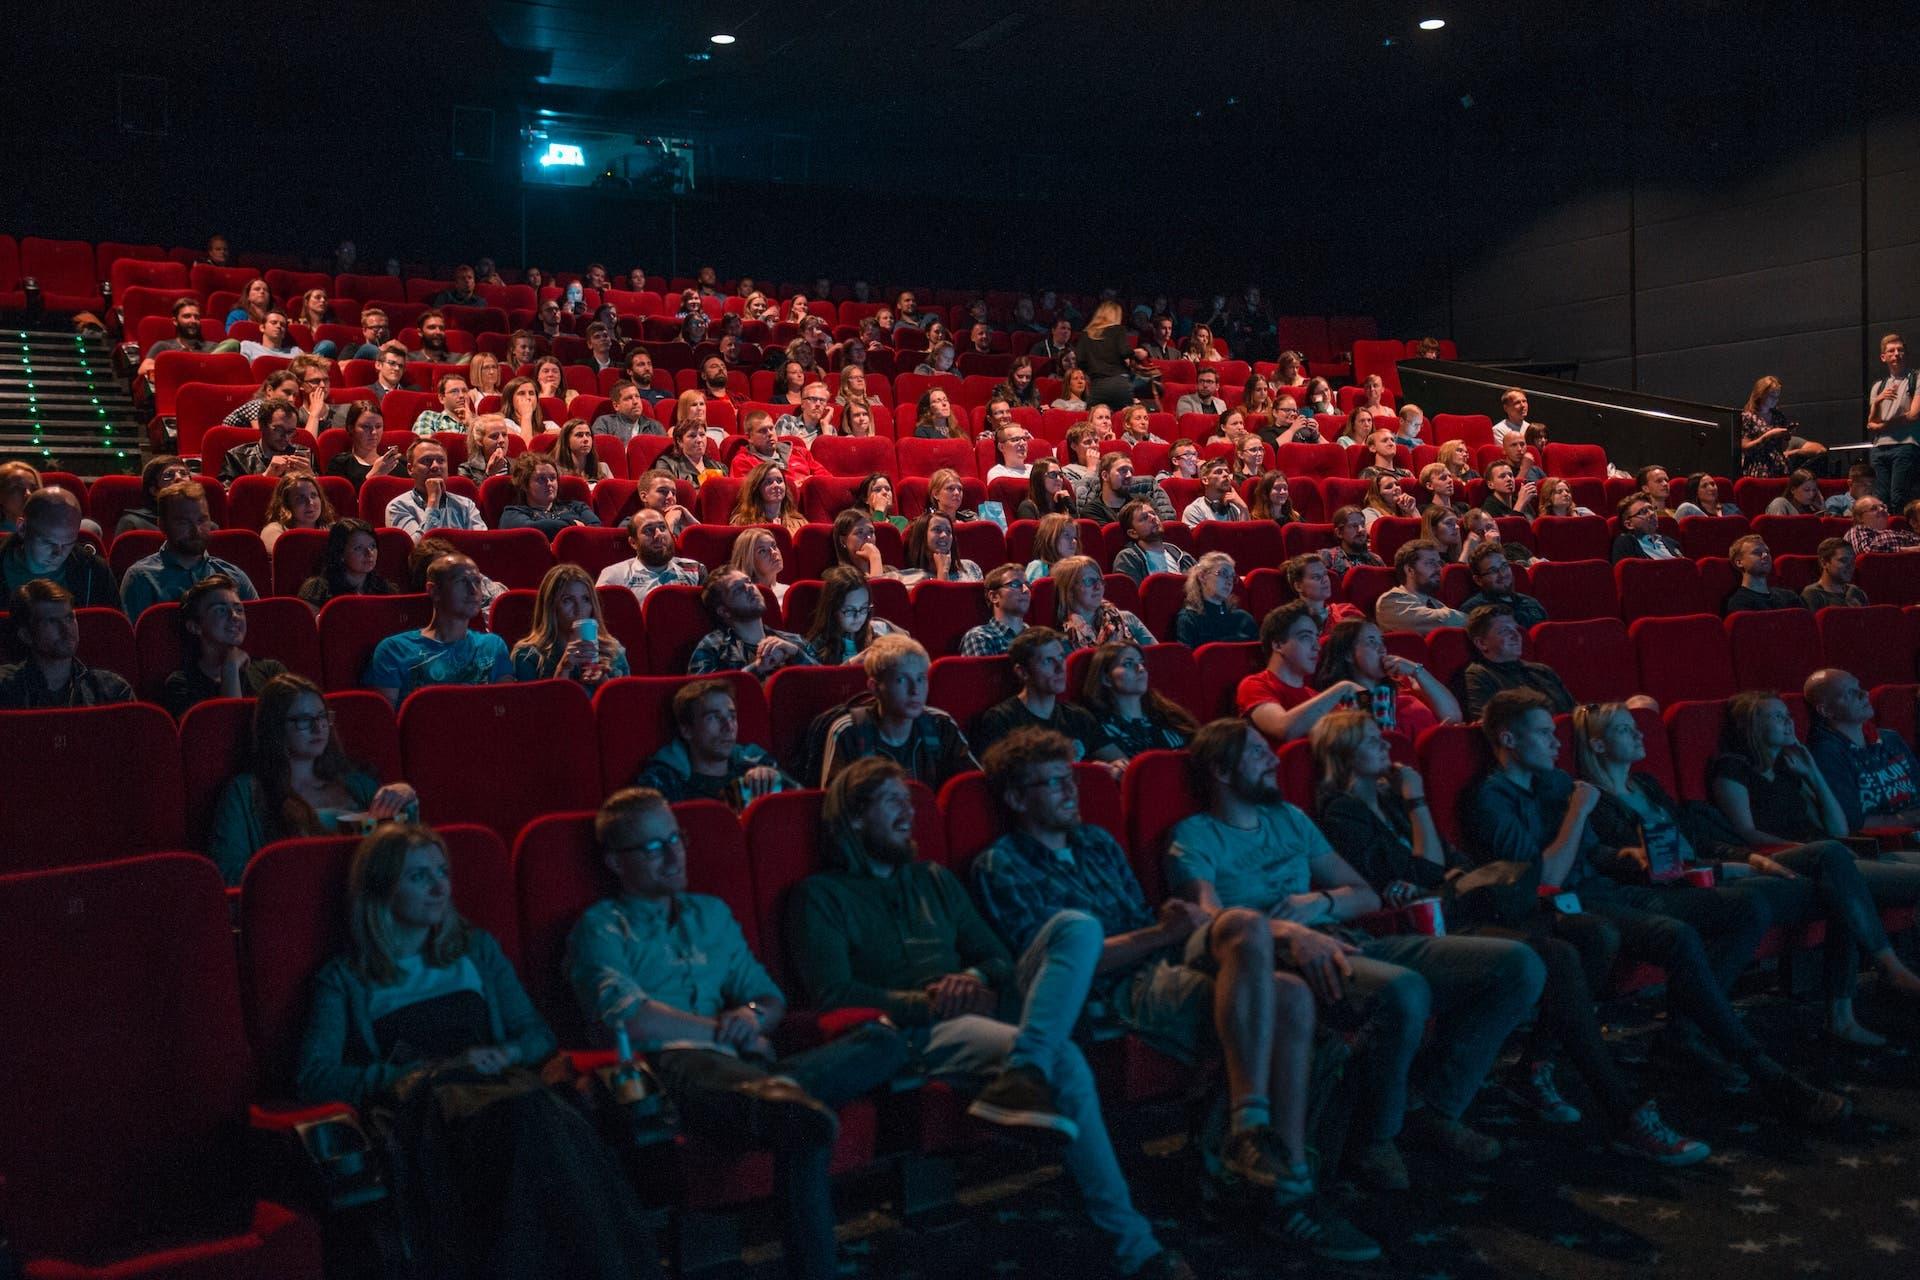 hipertextual 2010 decada que cine dio todo perdio todo 2019328882